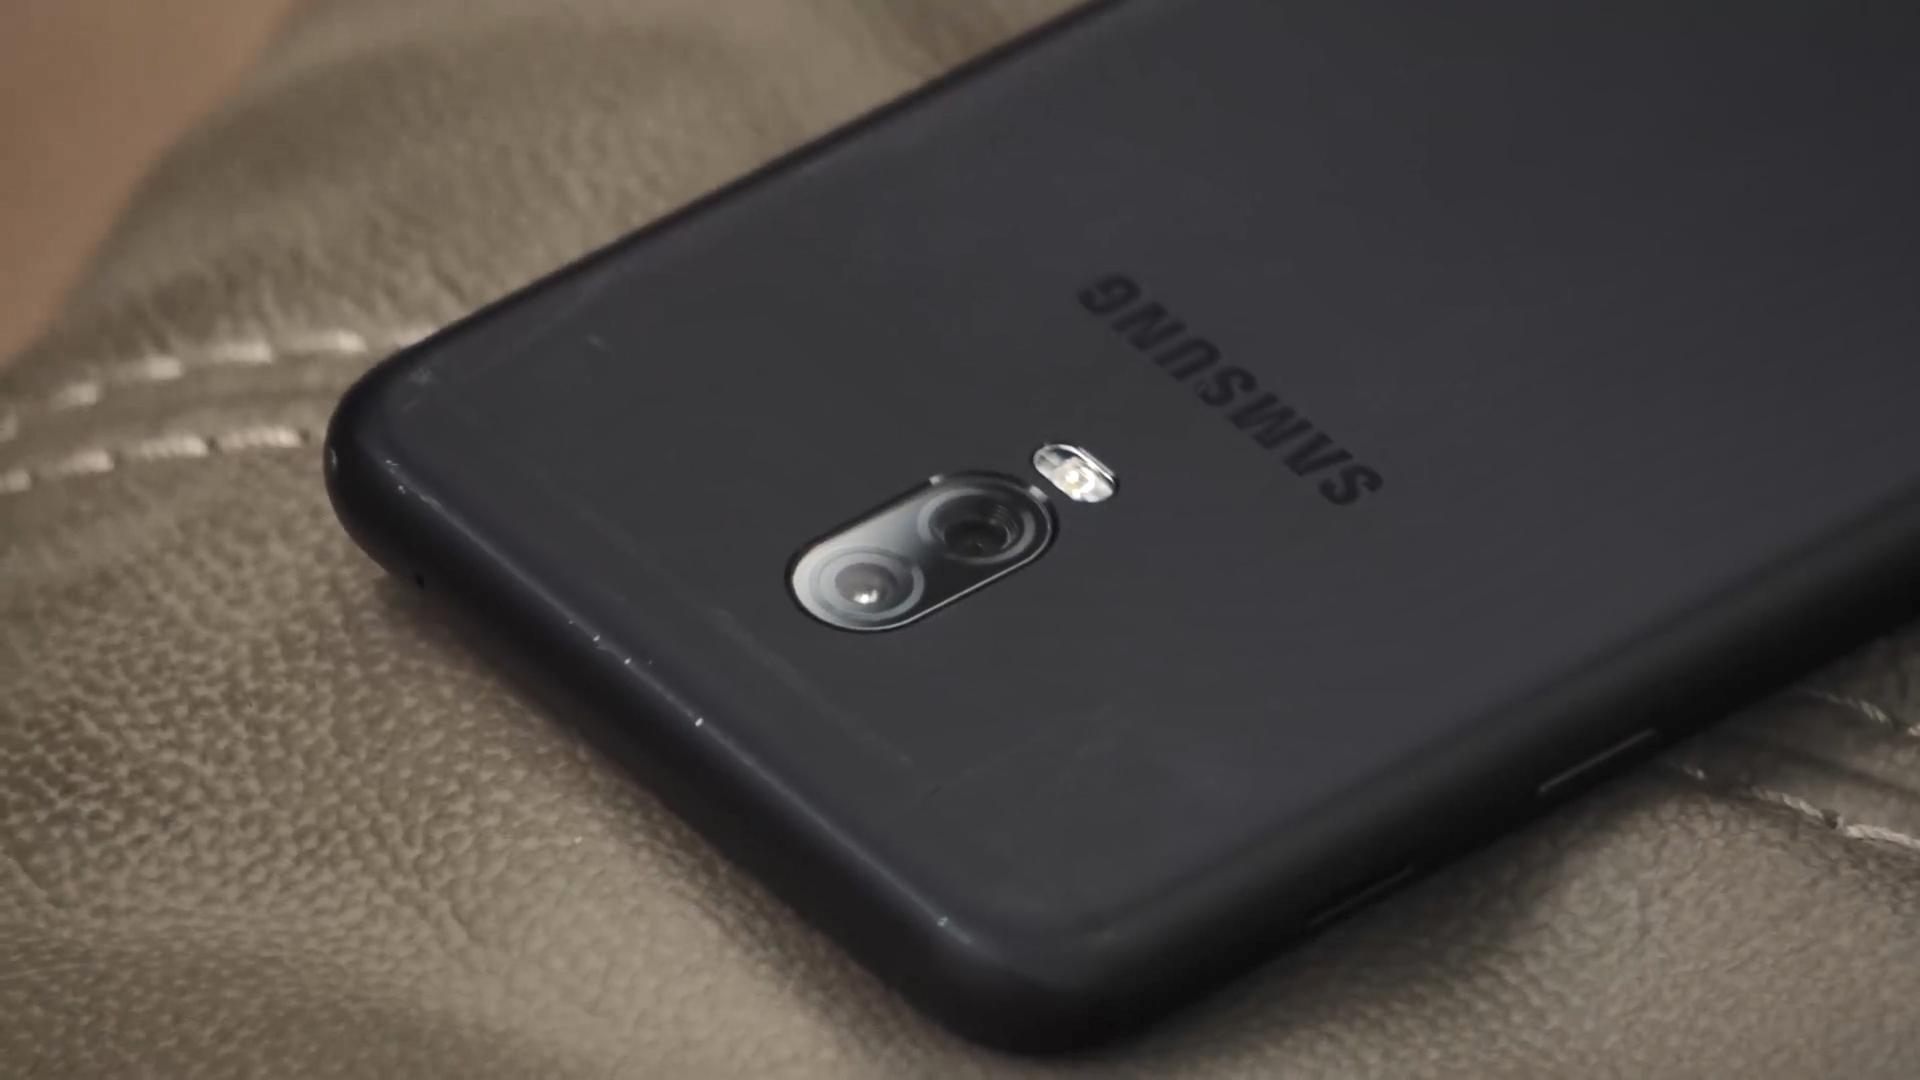 Đánh giá chi tiết Samsung Galaxy J7 Plus - Ảnh 9